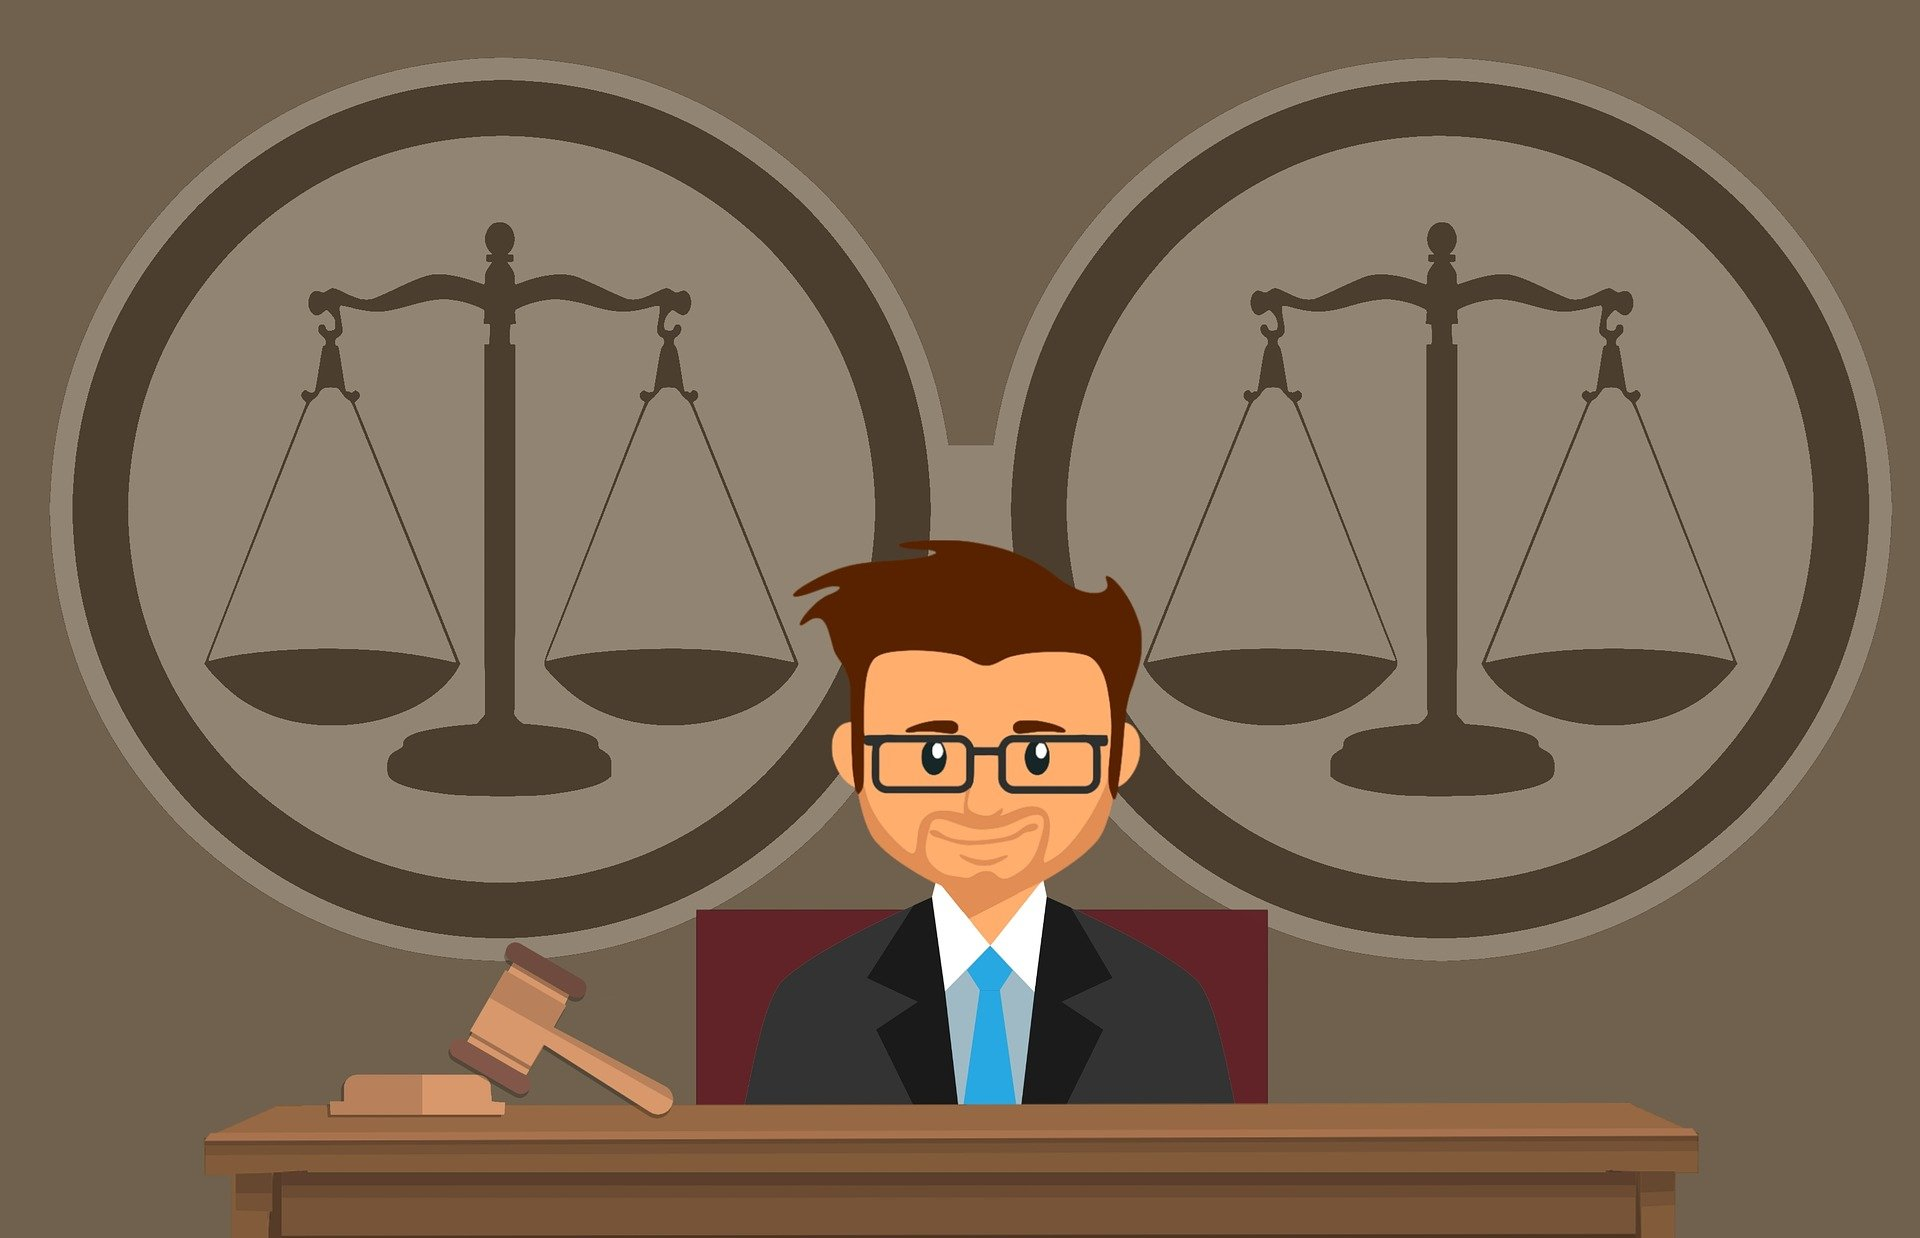 «Проверка доверенности на подлинность» фото - judge 4199434 1920